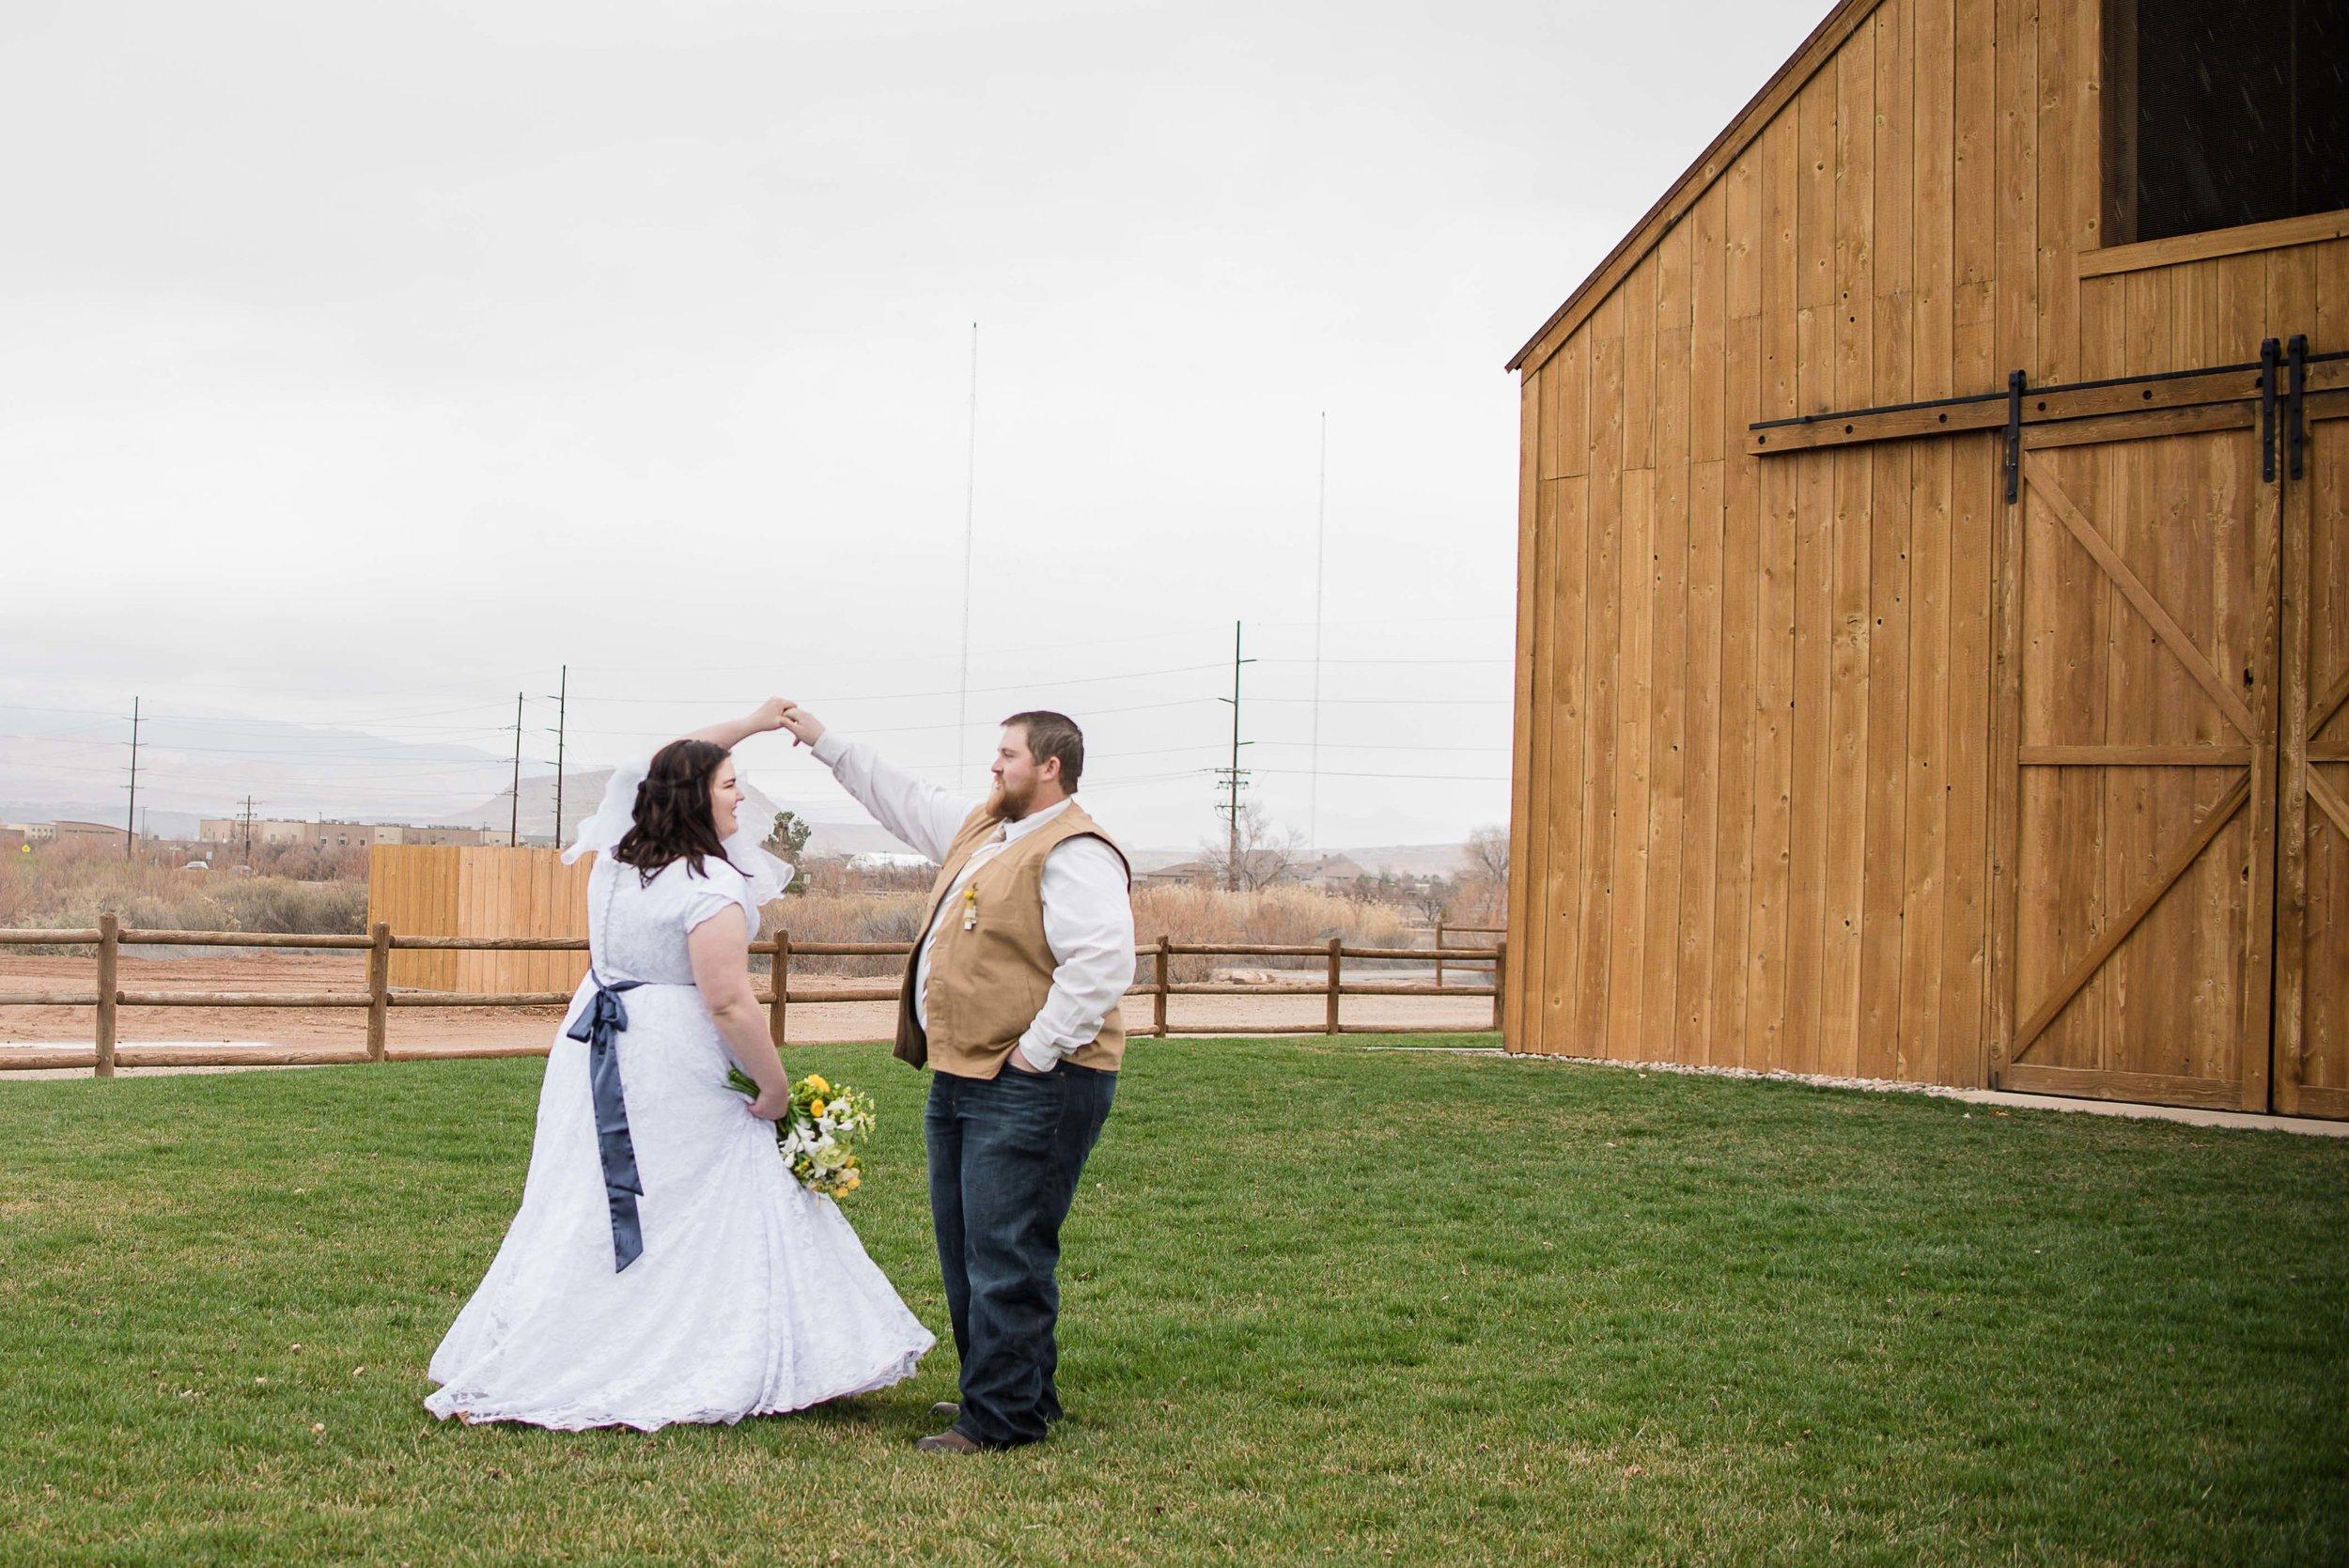 MARTIN-WEDDING-Sadie-Banks-Photography-246.jpg